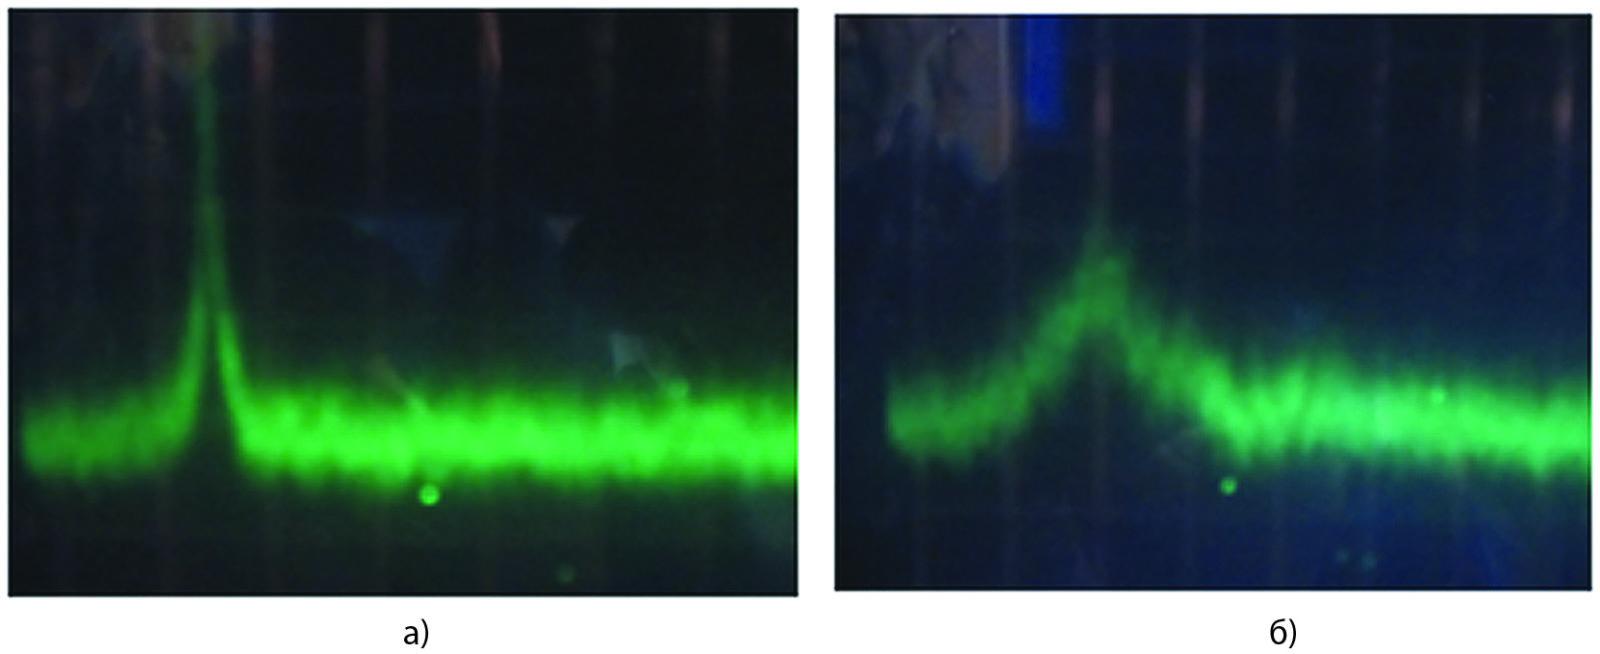 Изменение спектра сигнала от тока диода: I = 74 мA (a), I = 76 мA (б)